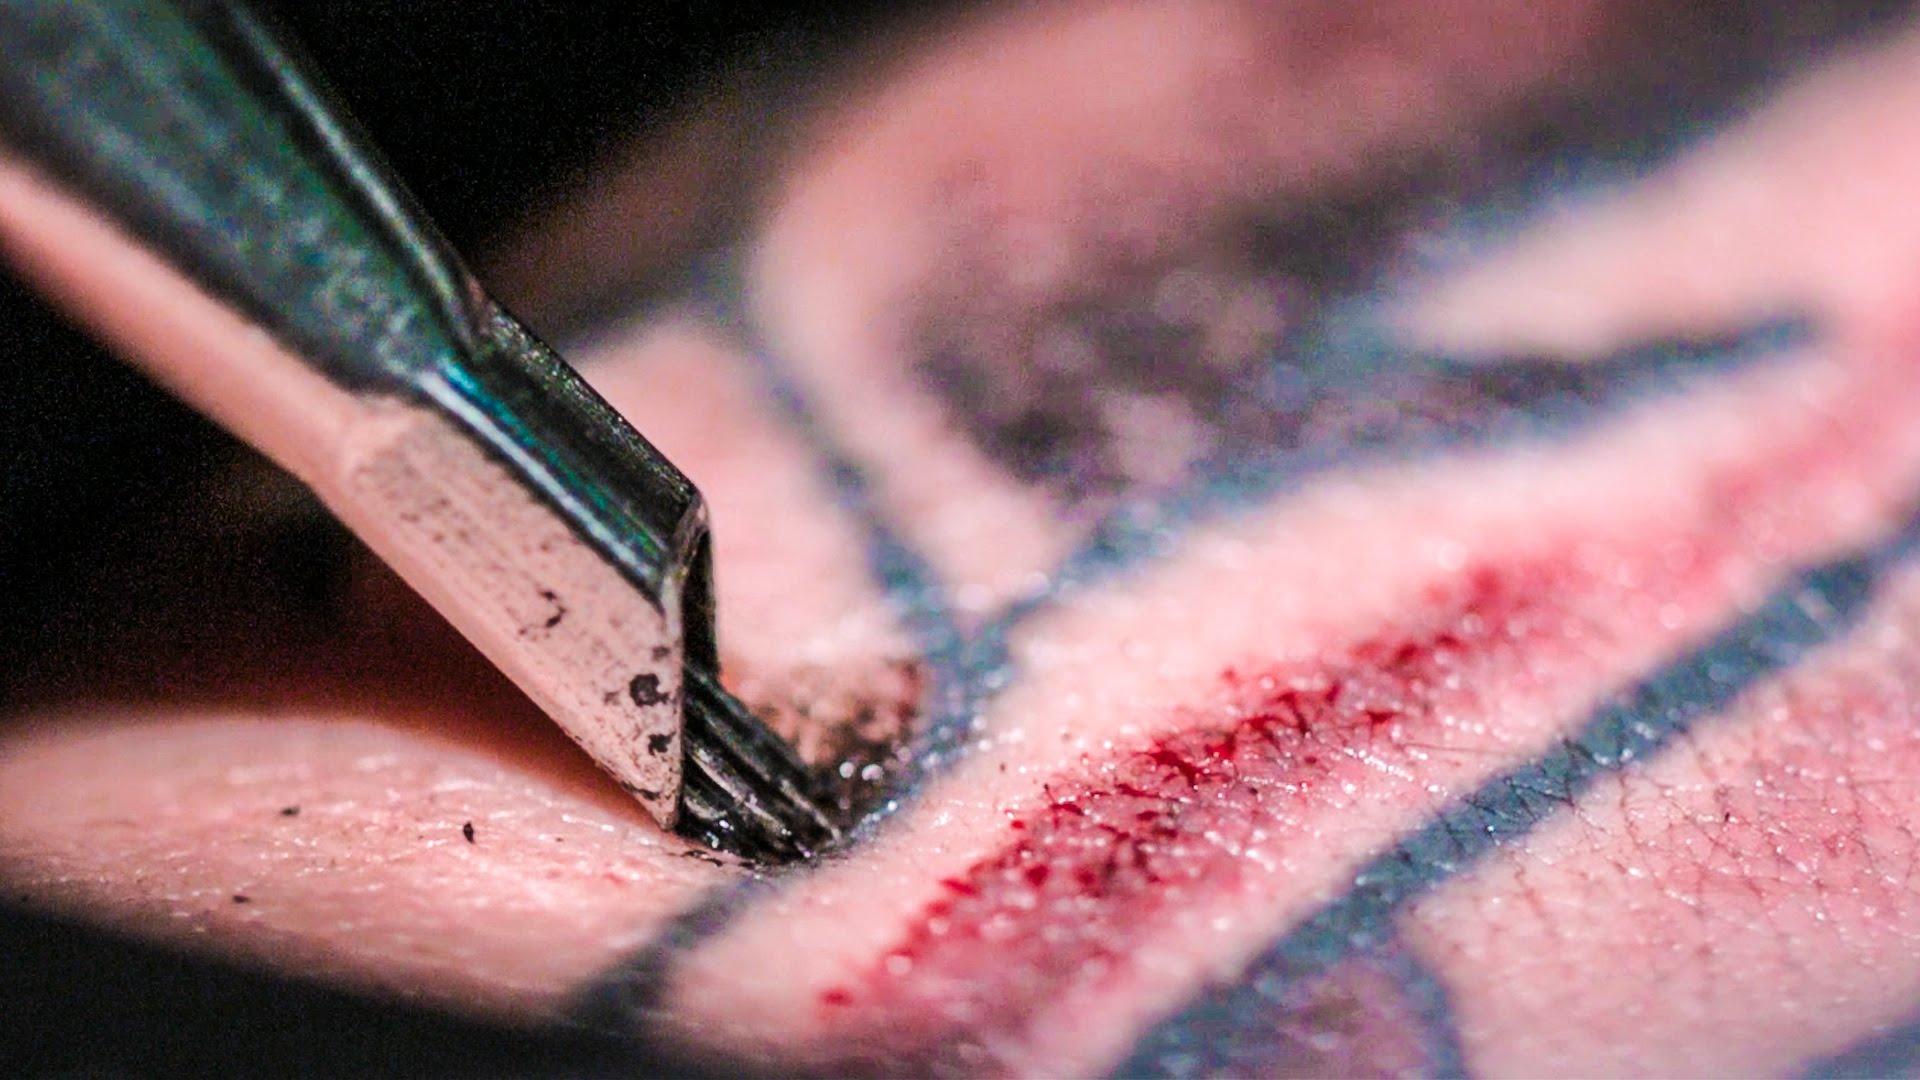 Le tatouage expliqué au ralenti